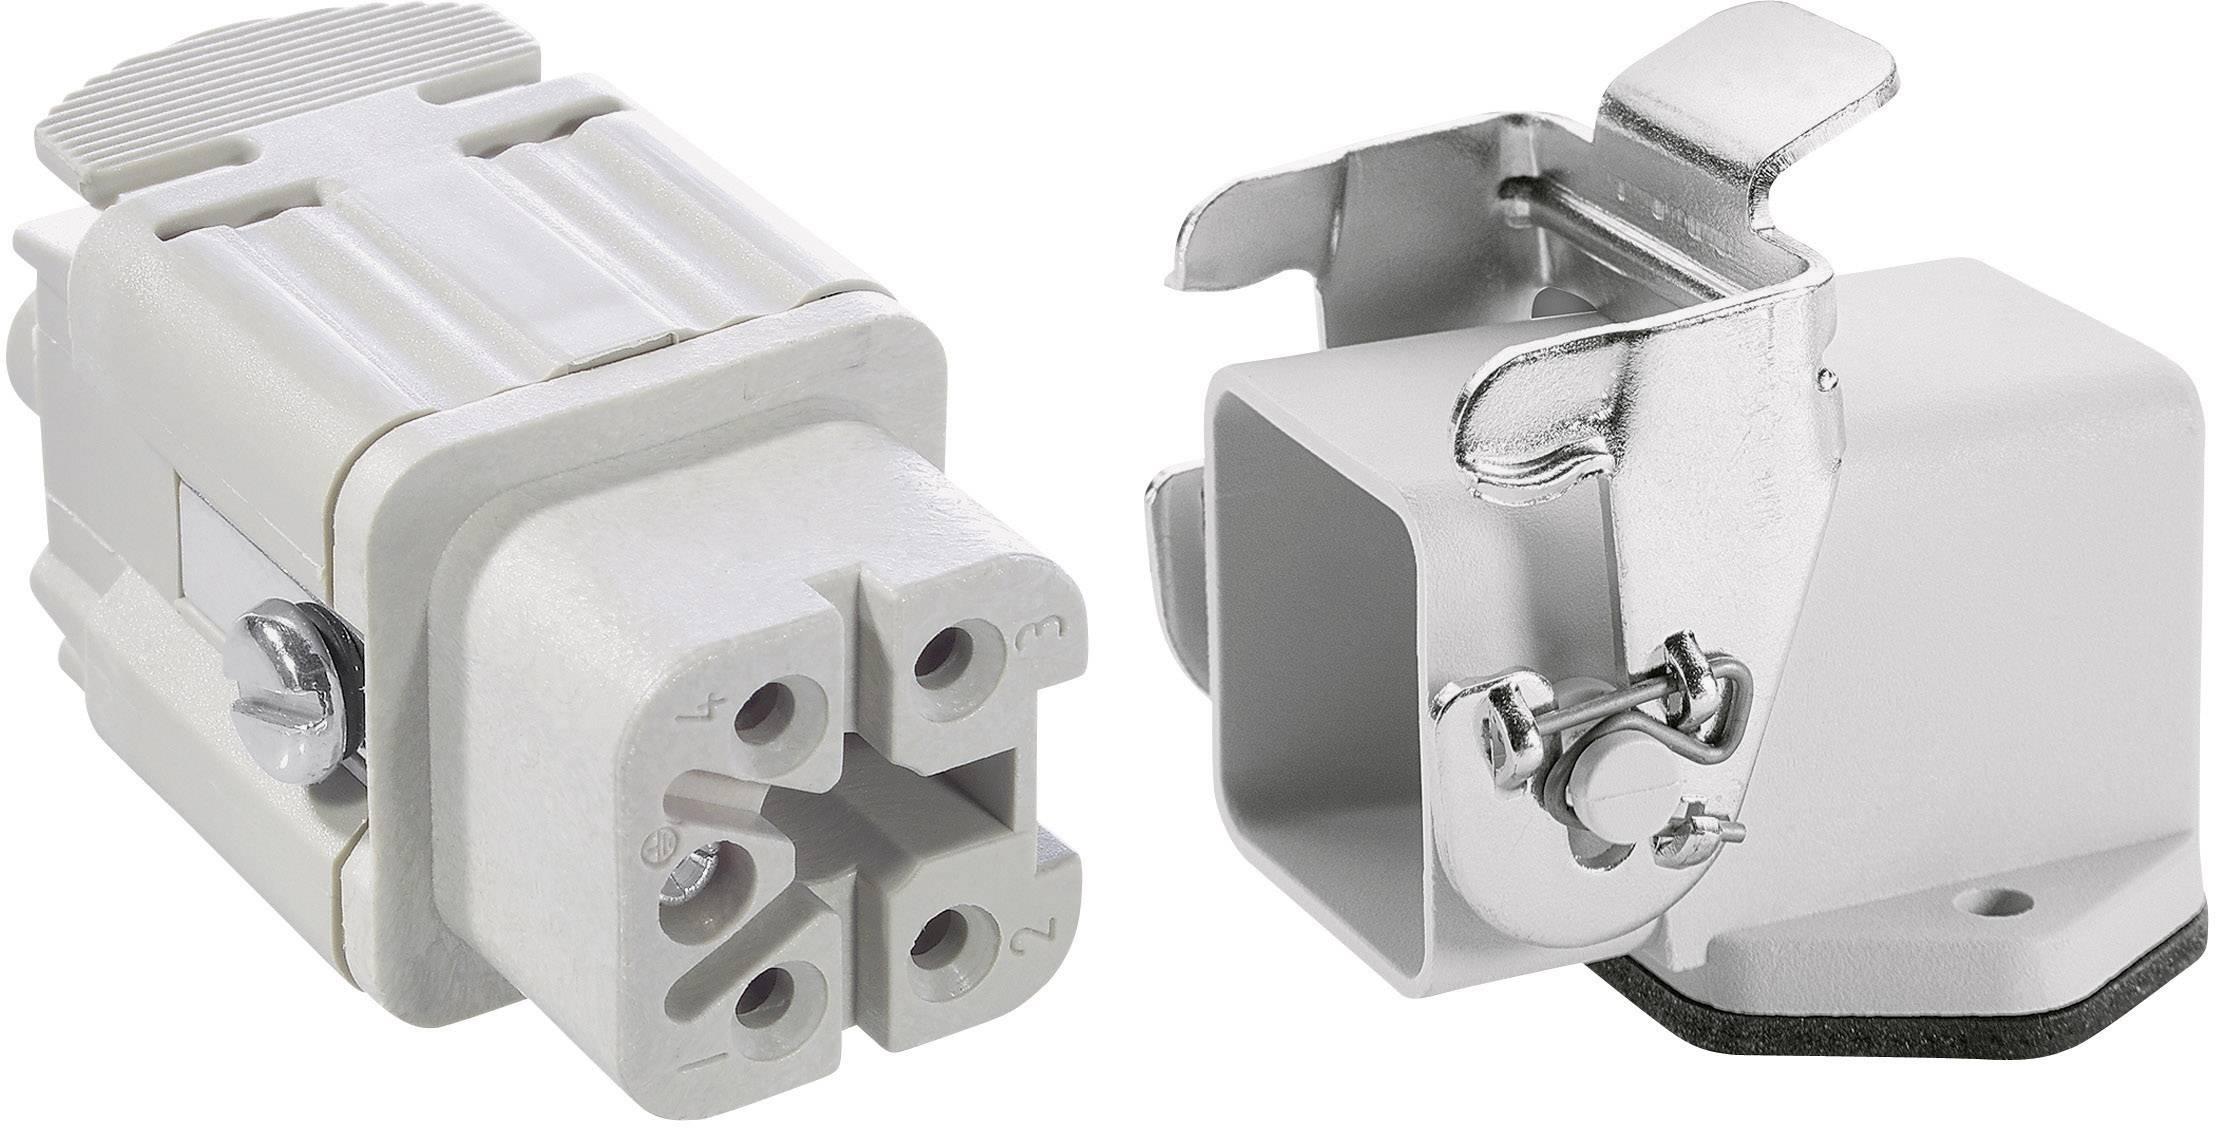 Sada konektorů EPIC®KIT H-A 4 75009619 LAPP 4 + PE šroubovací 1 sada